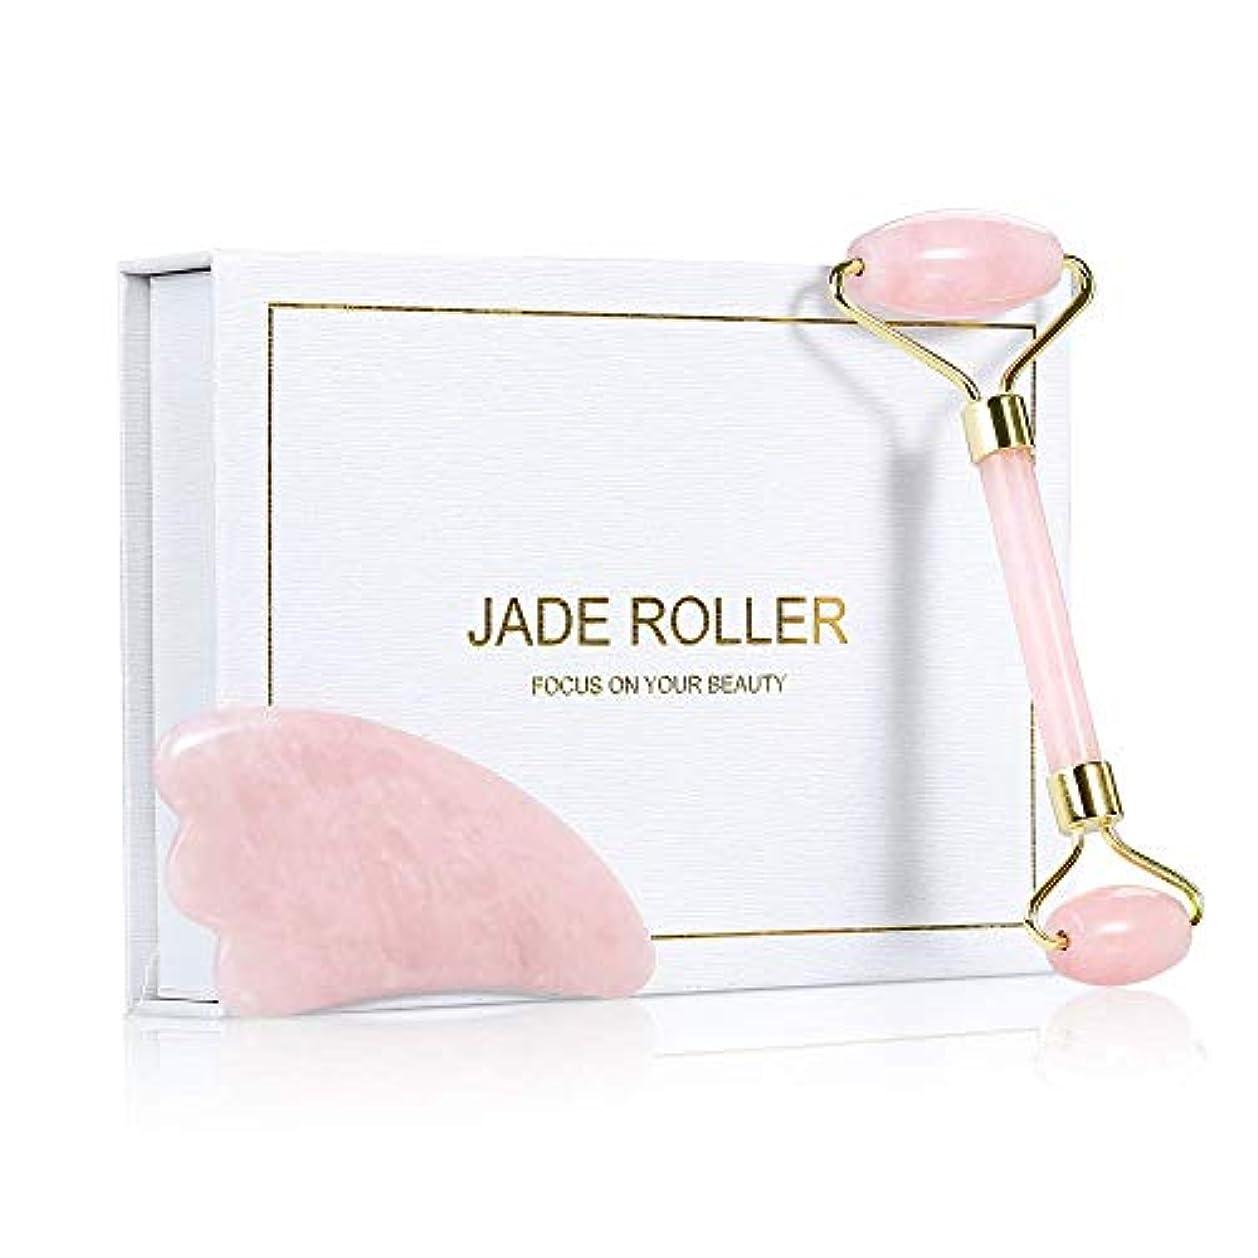 防腐剤粘性の不実Rose Quartz Jade Roller for Face 2 in 1 Gua Sha Tools Including Rose Quartz Roller and Jade Face Massager,100%...